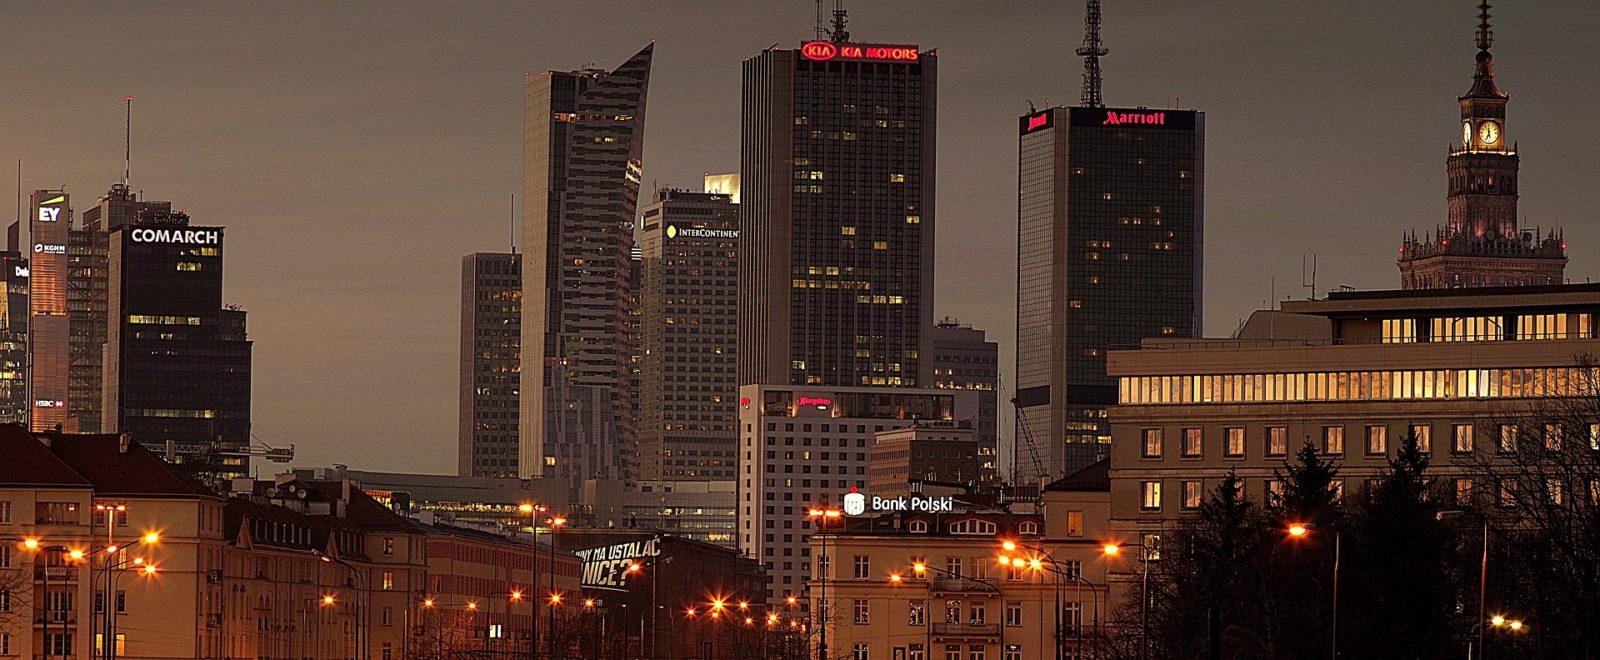 Оренда та купівлі нерухомості в Польщі